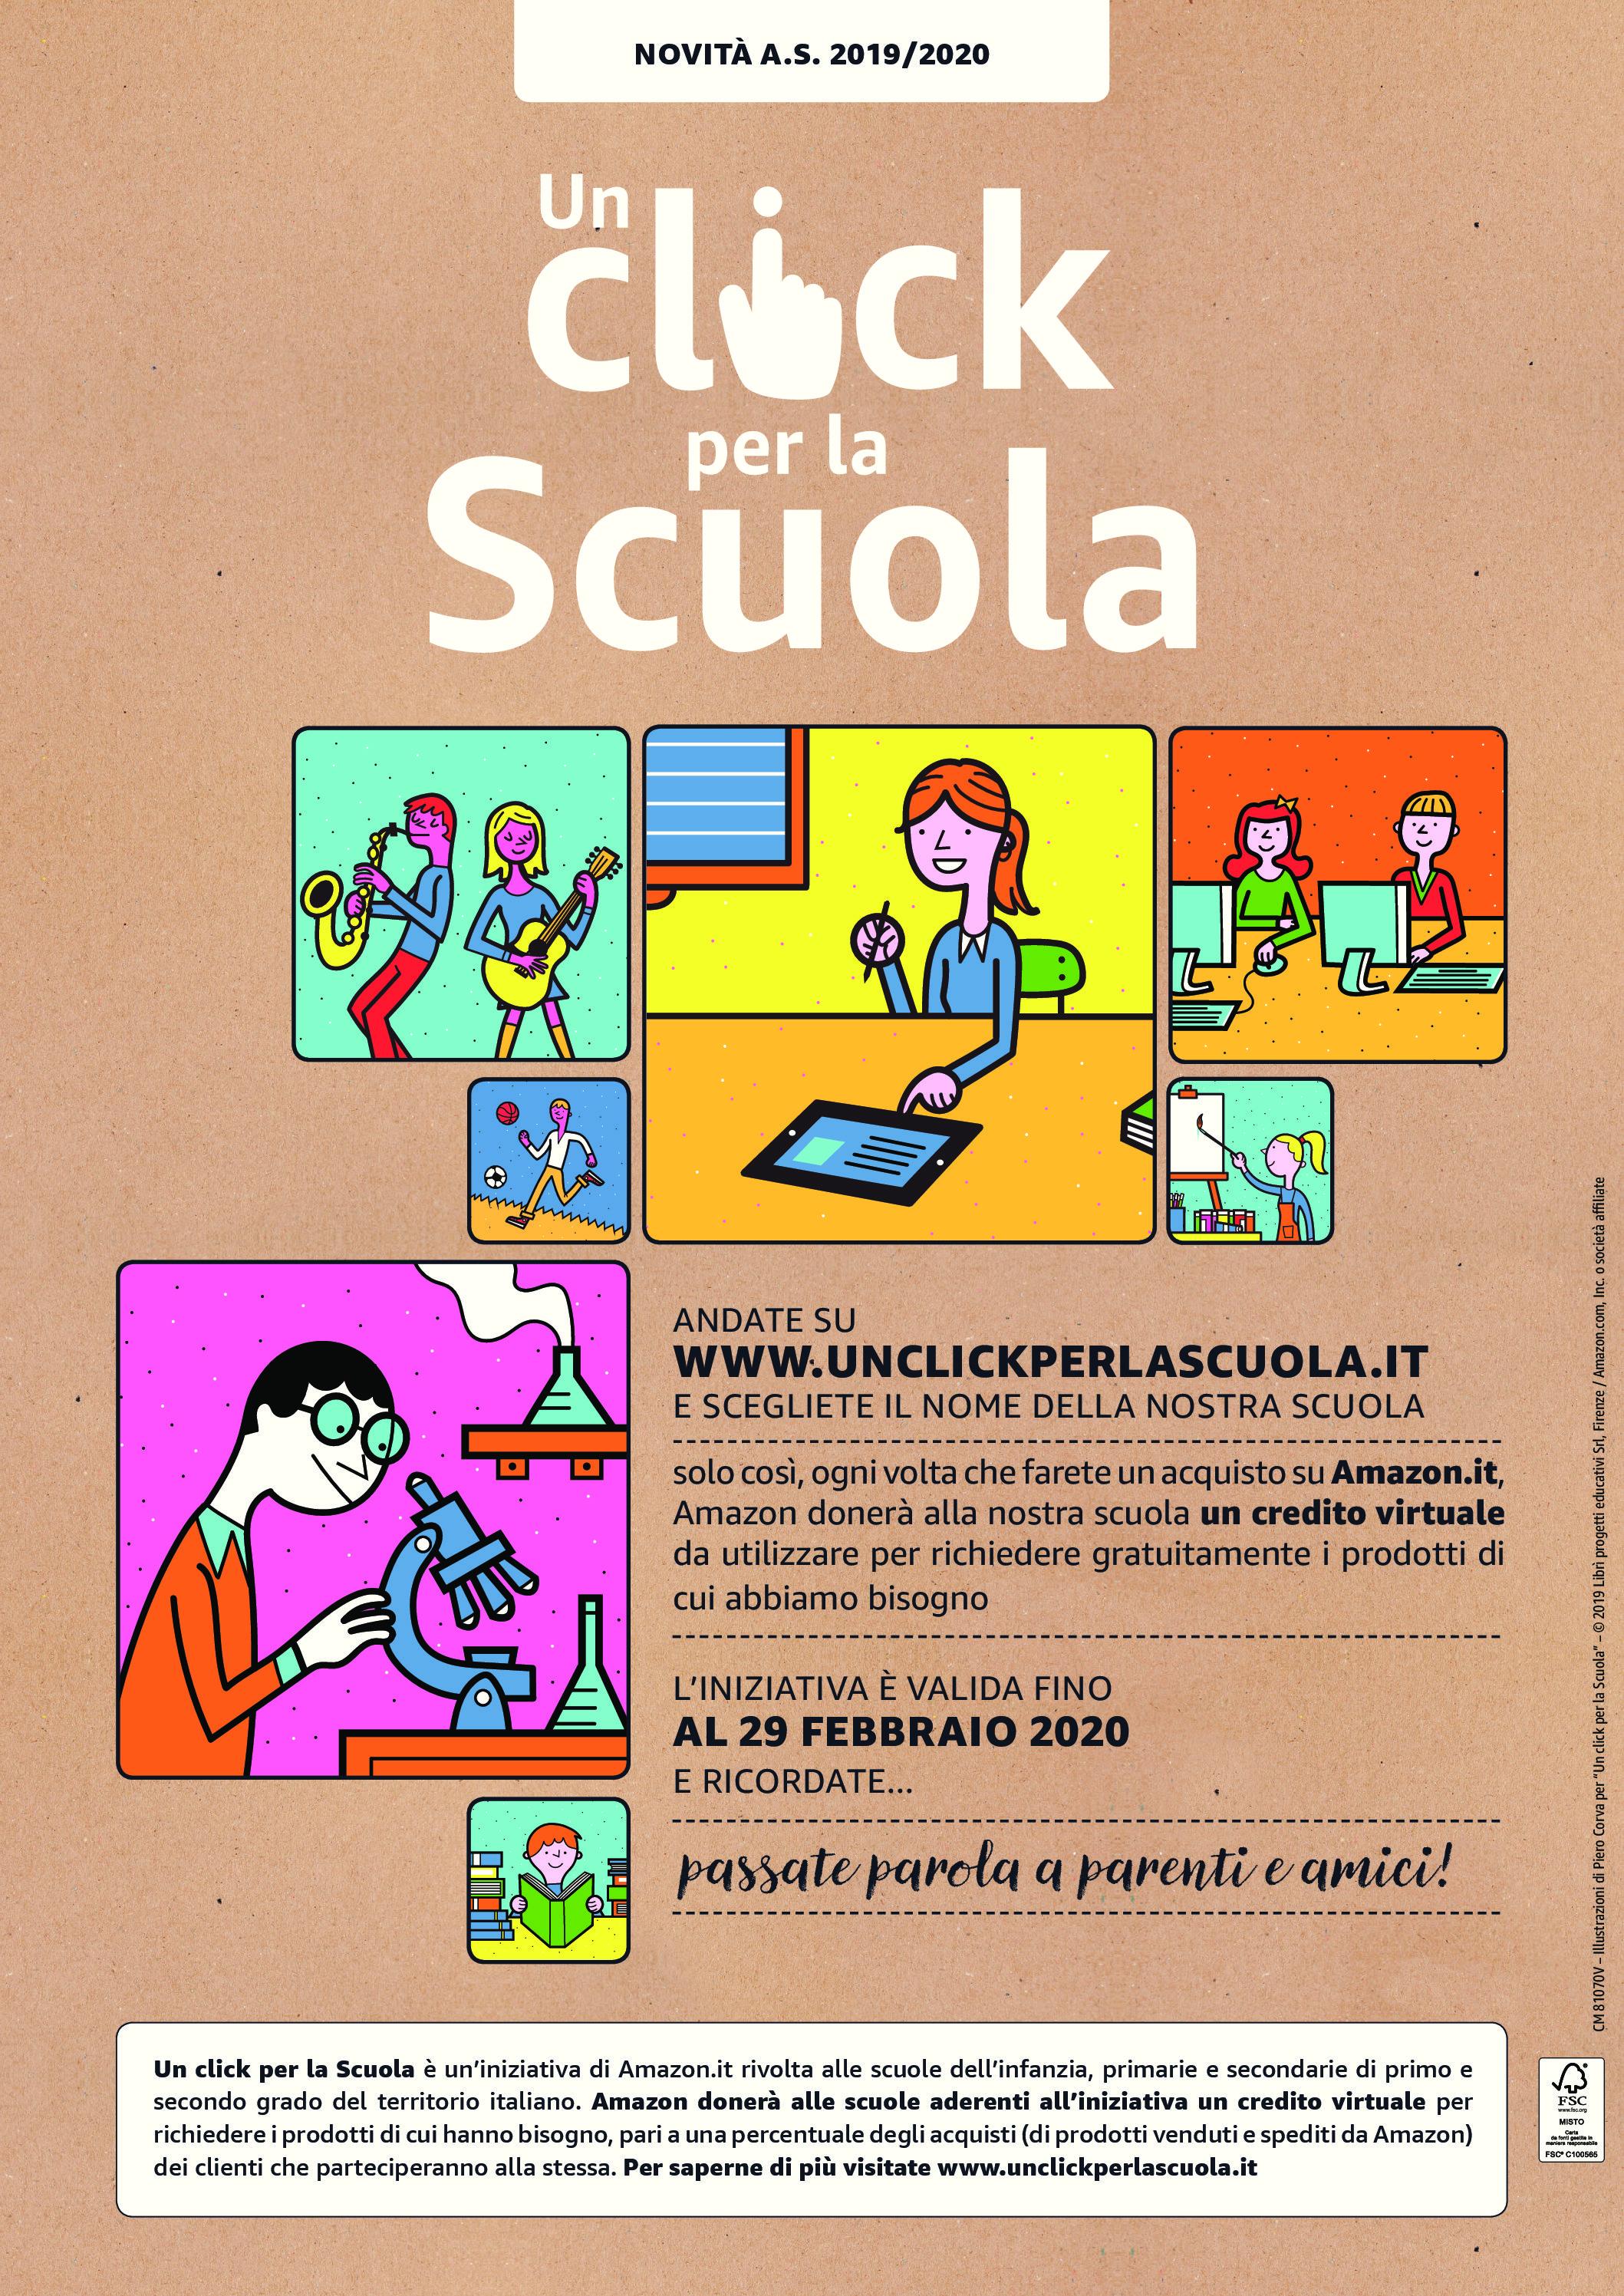 Amazon: Un click per la scuola